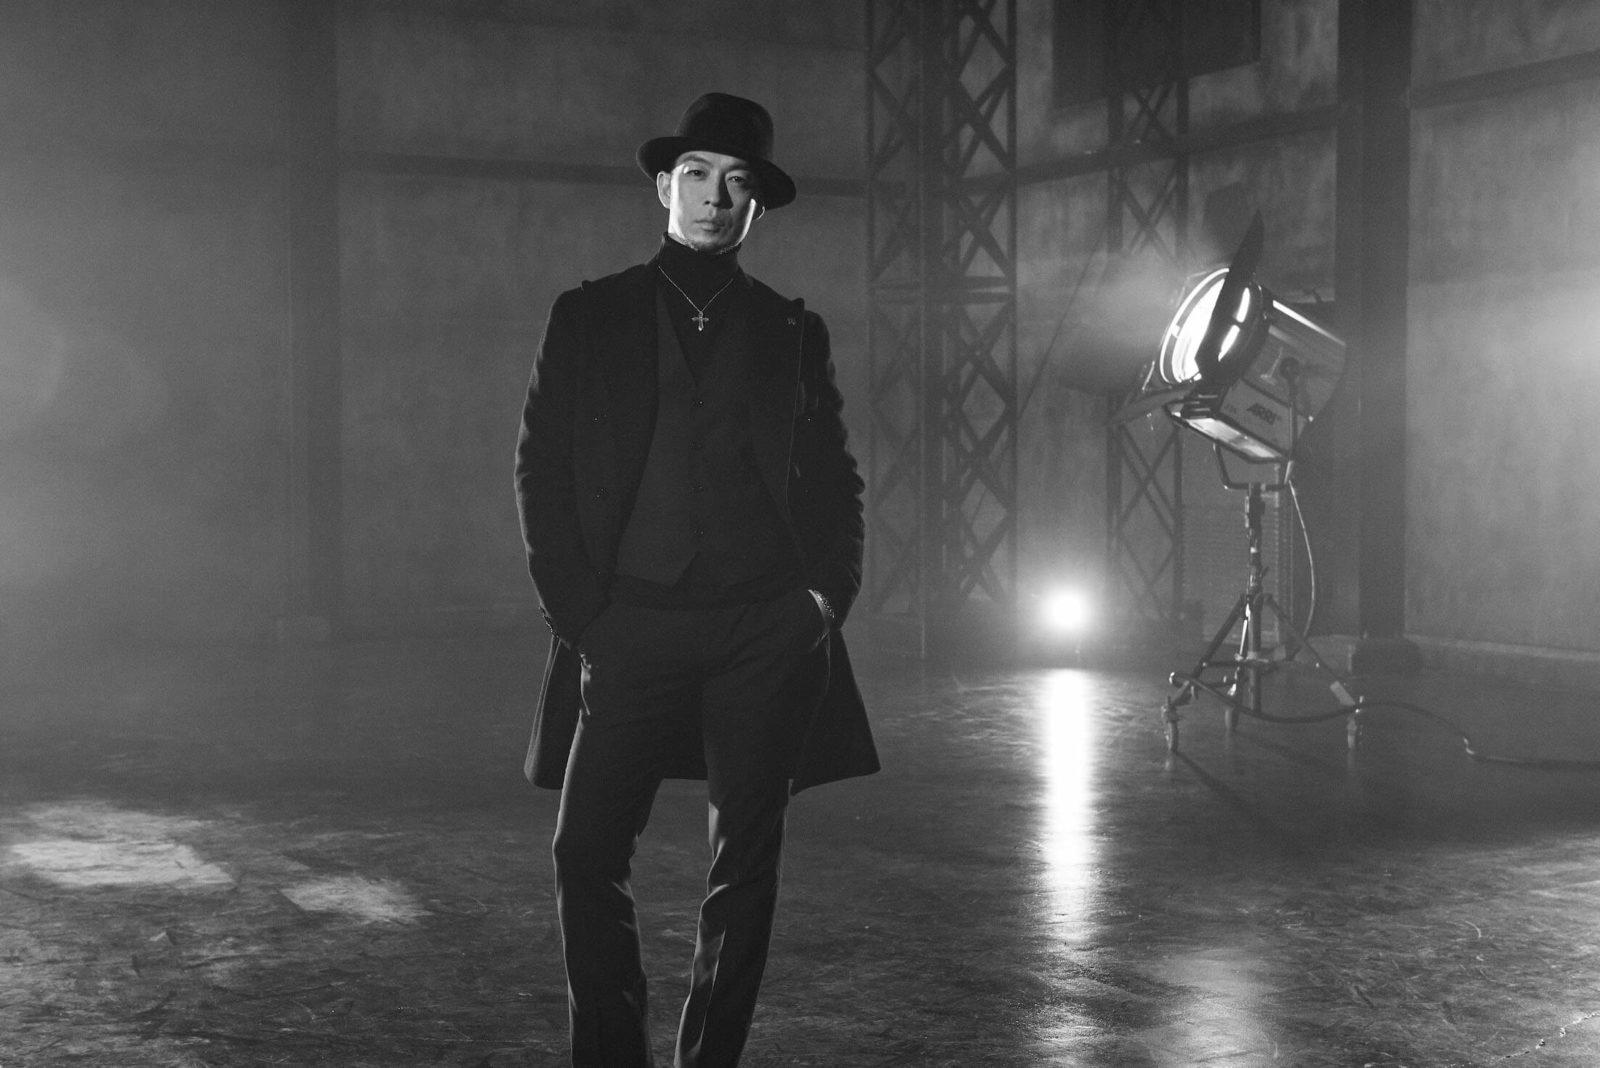 清木場俊介 ライブDVD/Blu-rayからライブハウスツアーの「東京」ライブ映像を公開サムネイル画像